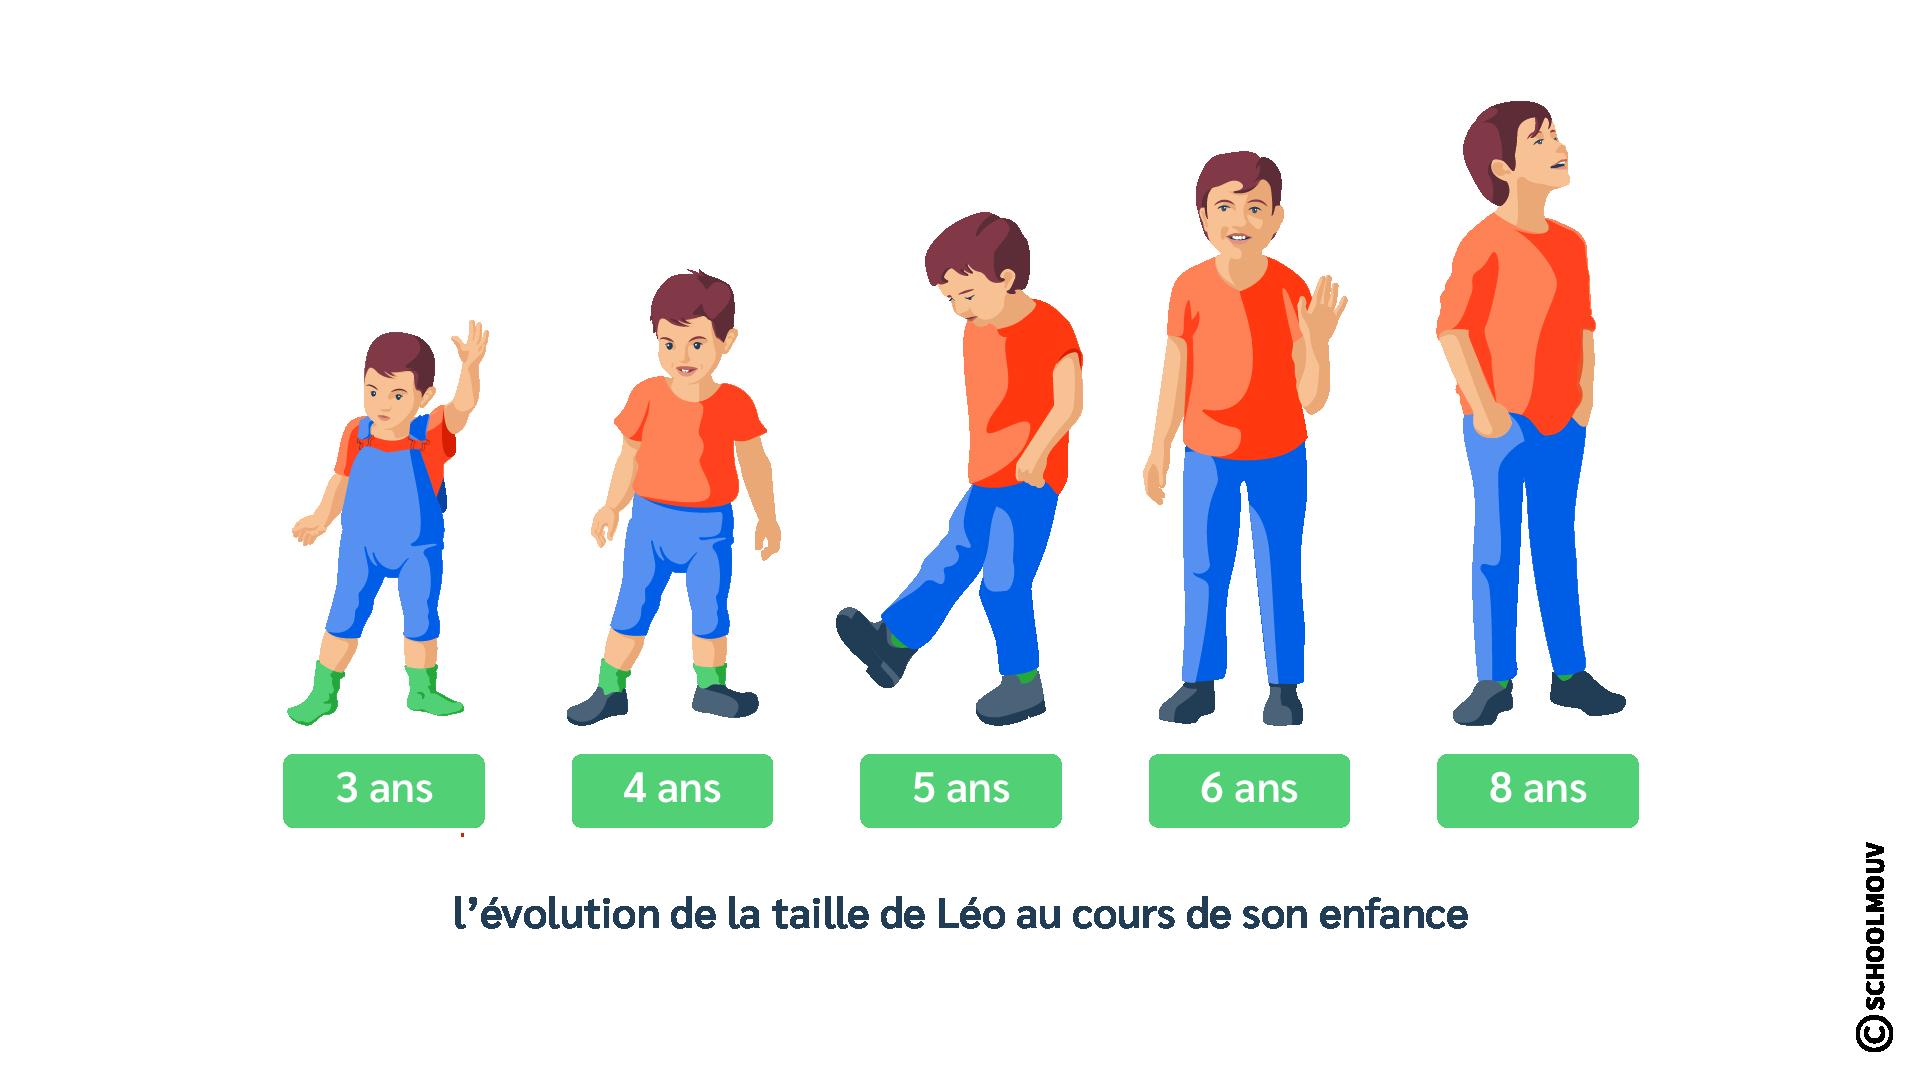 Croissance - Corps - Enfance - Garçon - Taille - Âge - SchoolMouv - Sciences - CE2